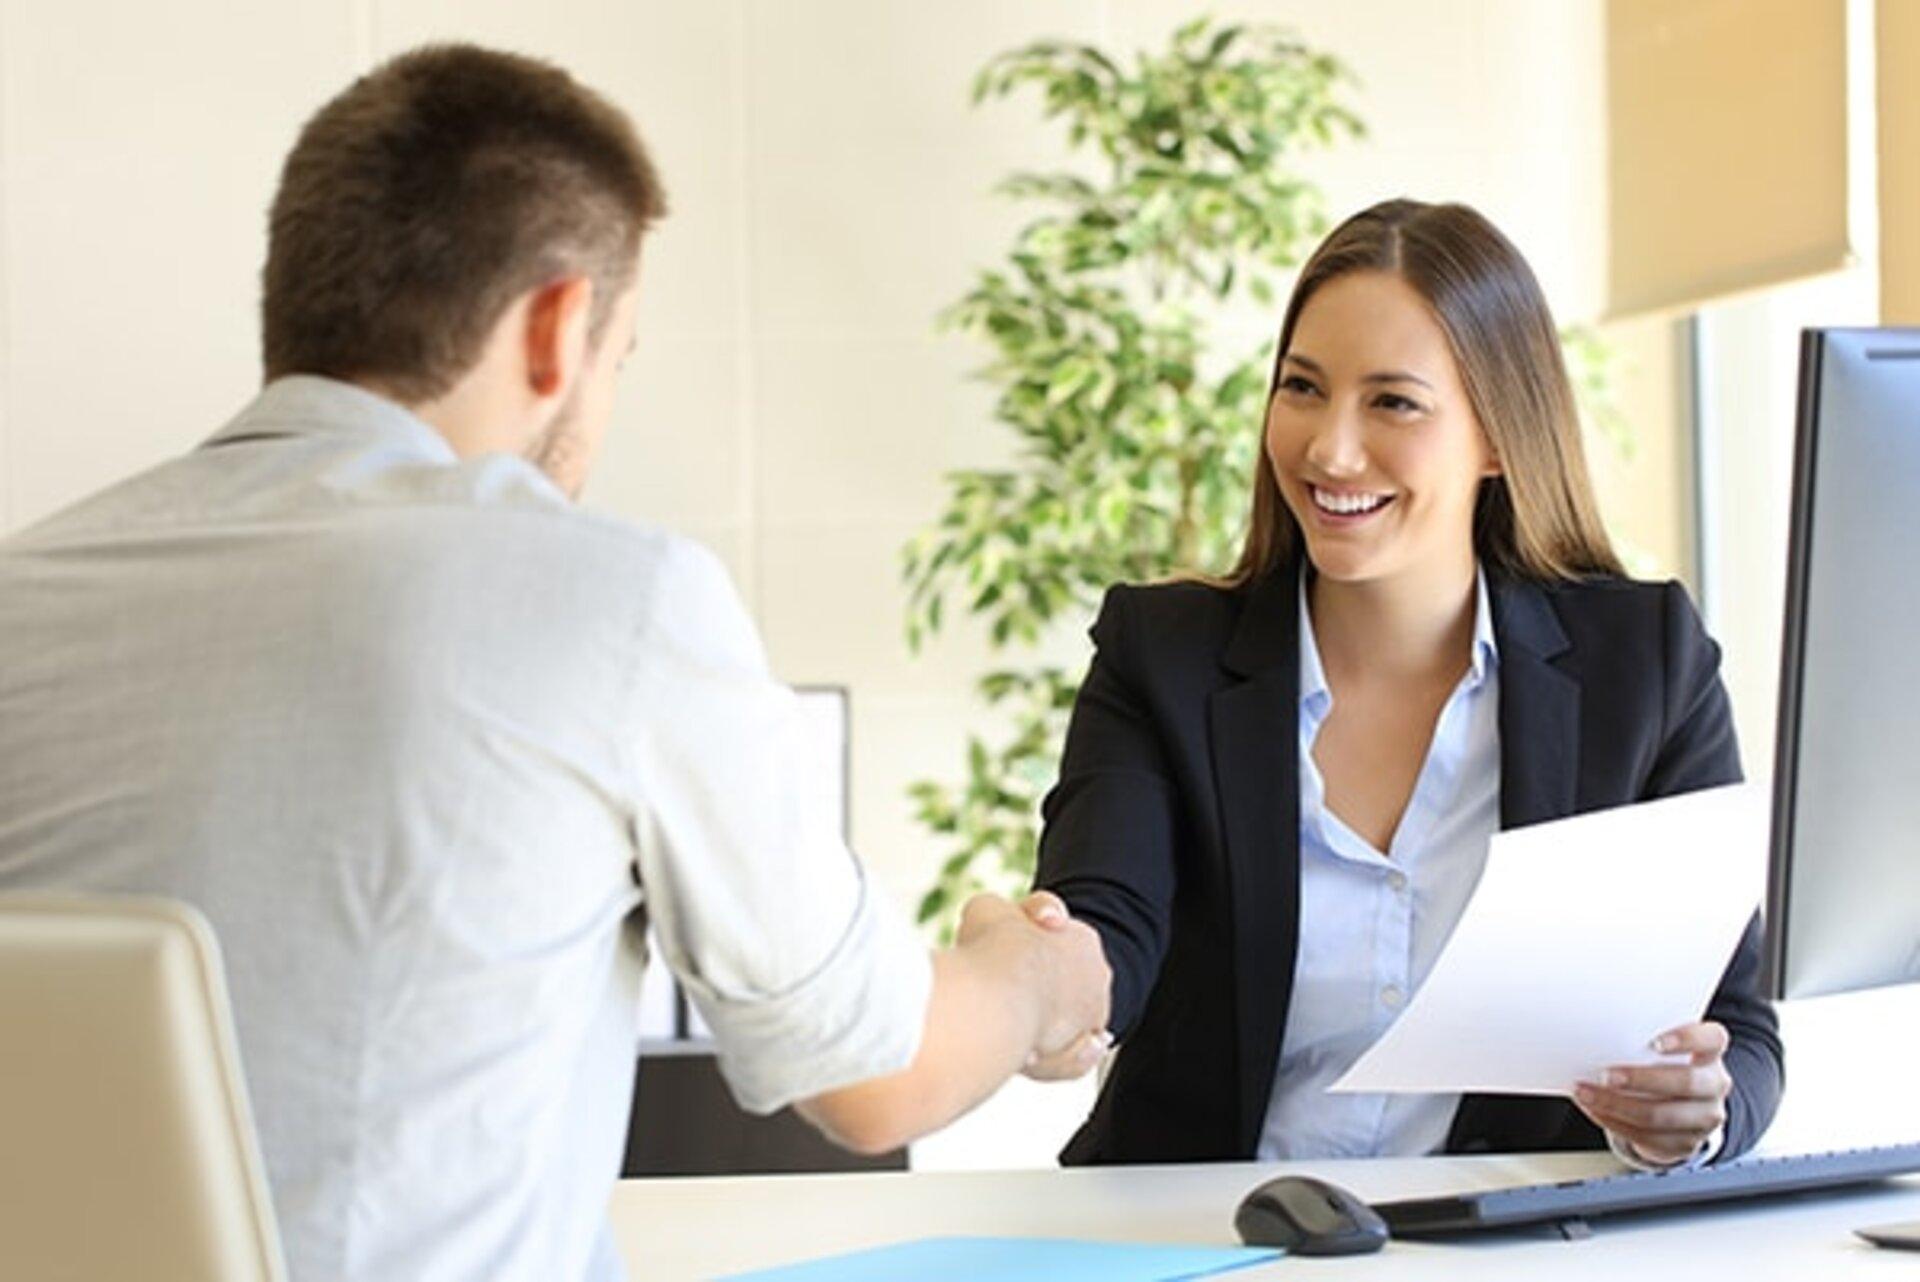 uatre conseils pour réussir un entretien d'embauche